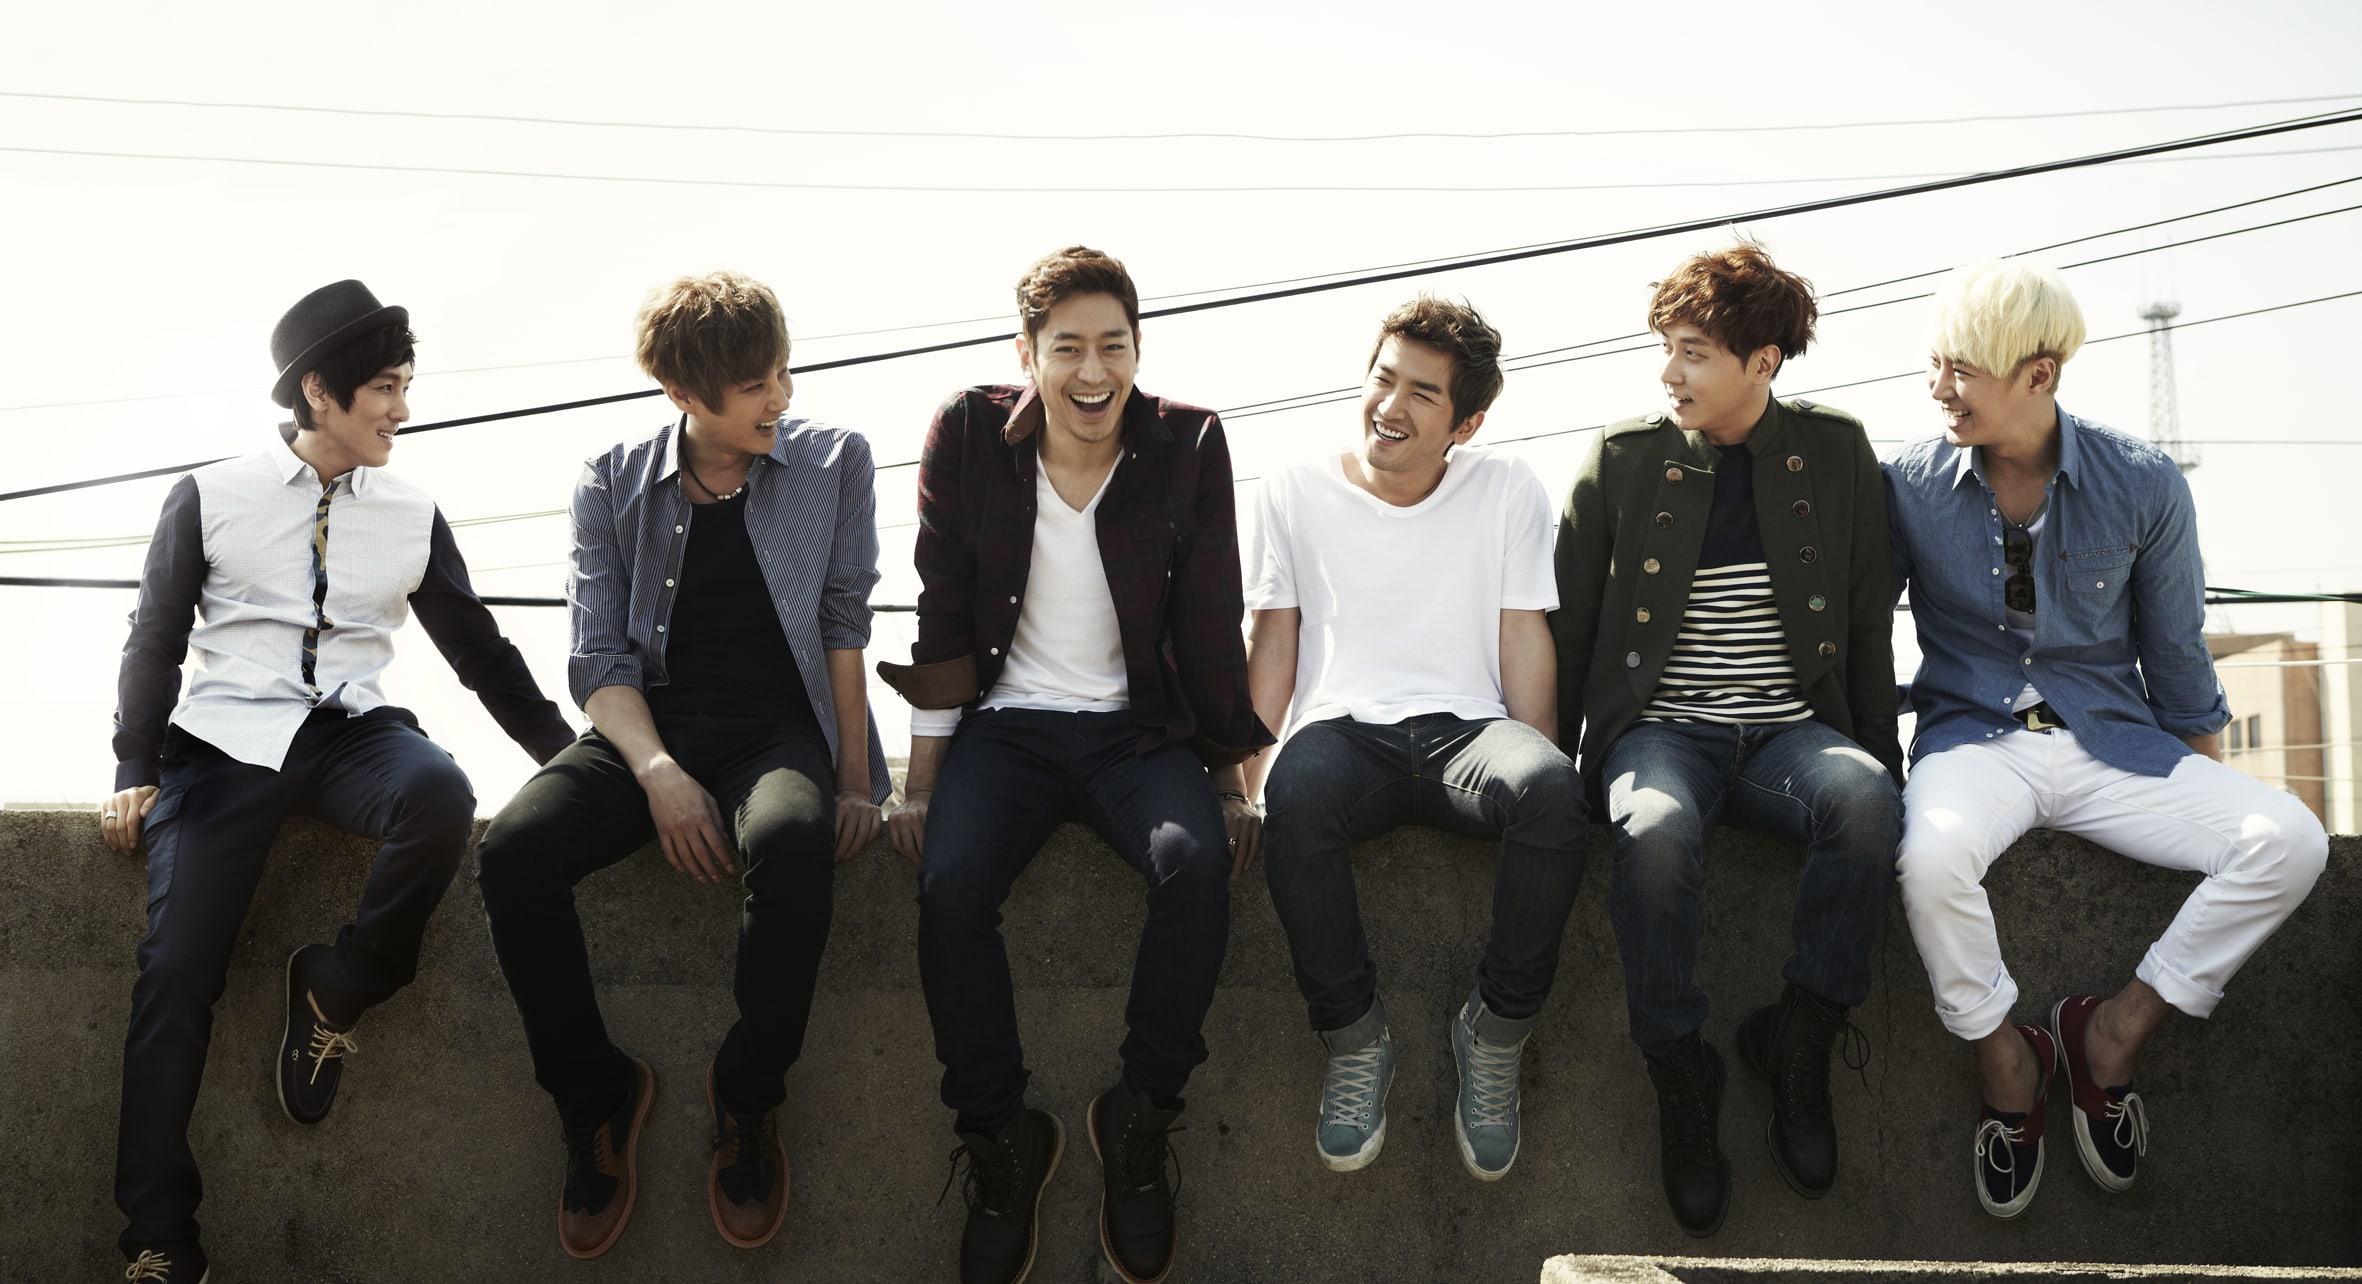 20 años de caos, risas y fraternidad: Los momentos más memorables de Shinhwa